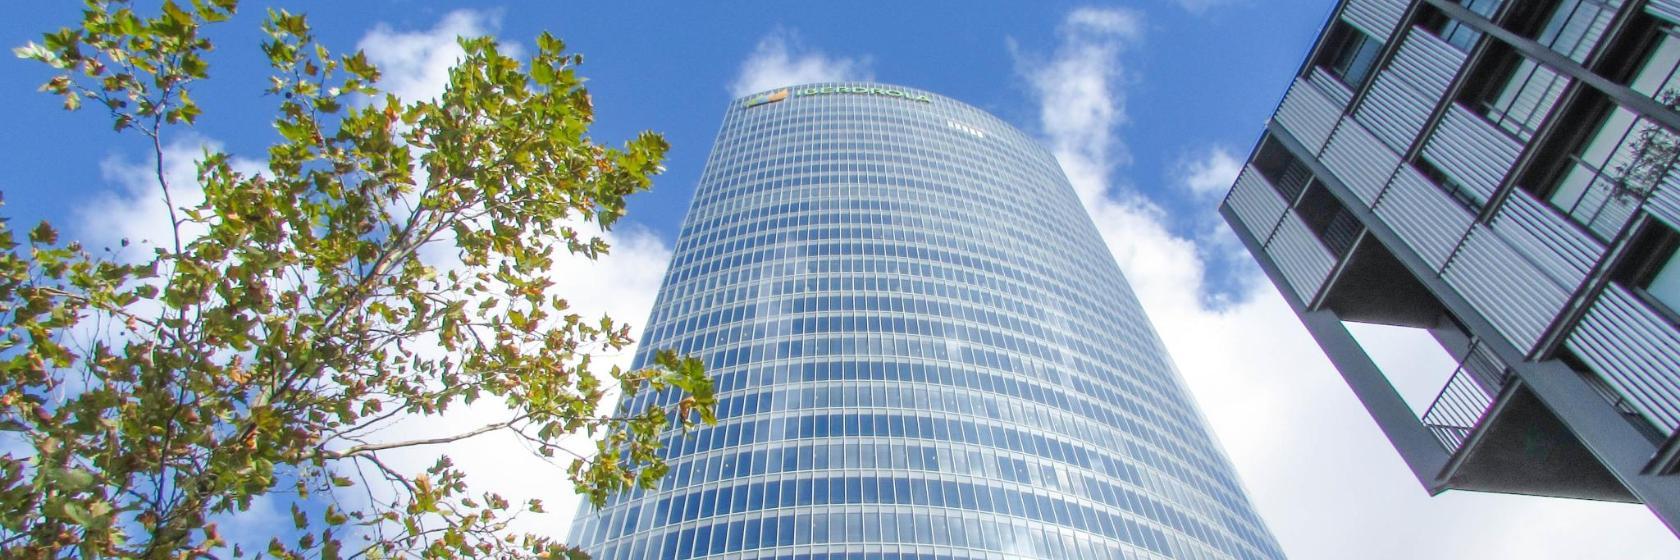 Los 10 mejores hoteles cerca de Torre Iberdrola en Bilbao ...